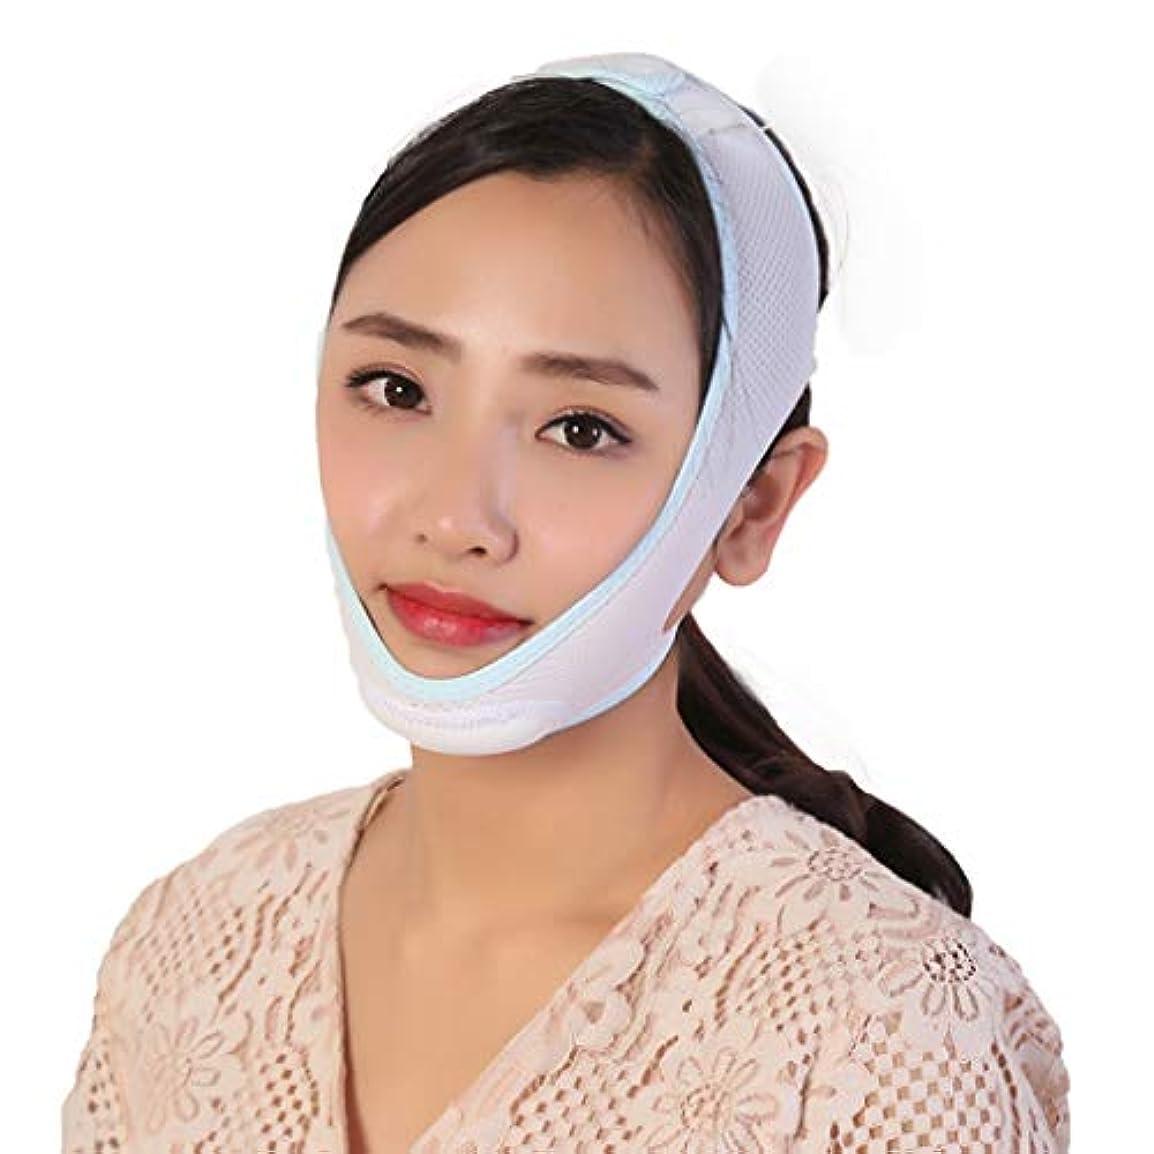 鋼睡眠思い出す顔の顔を持ち上げる顔のマスクを改善するために快適な顔面曲線包括的通気性包帯